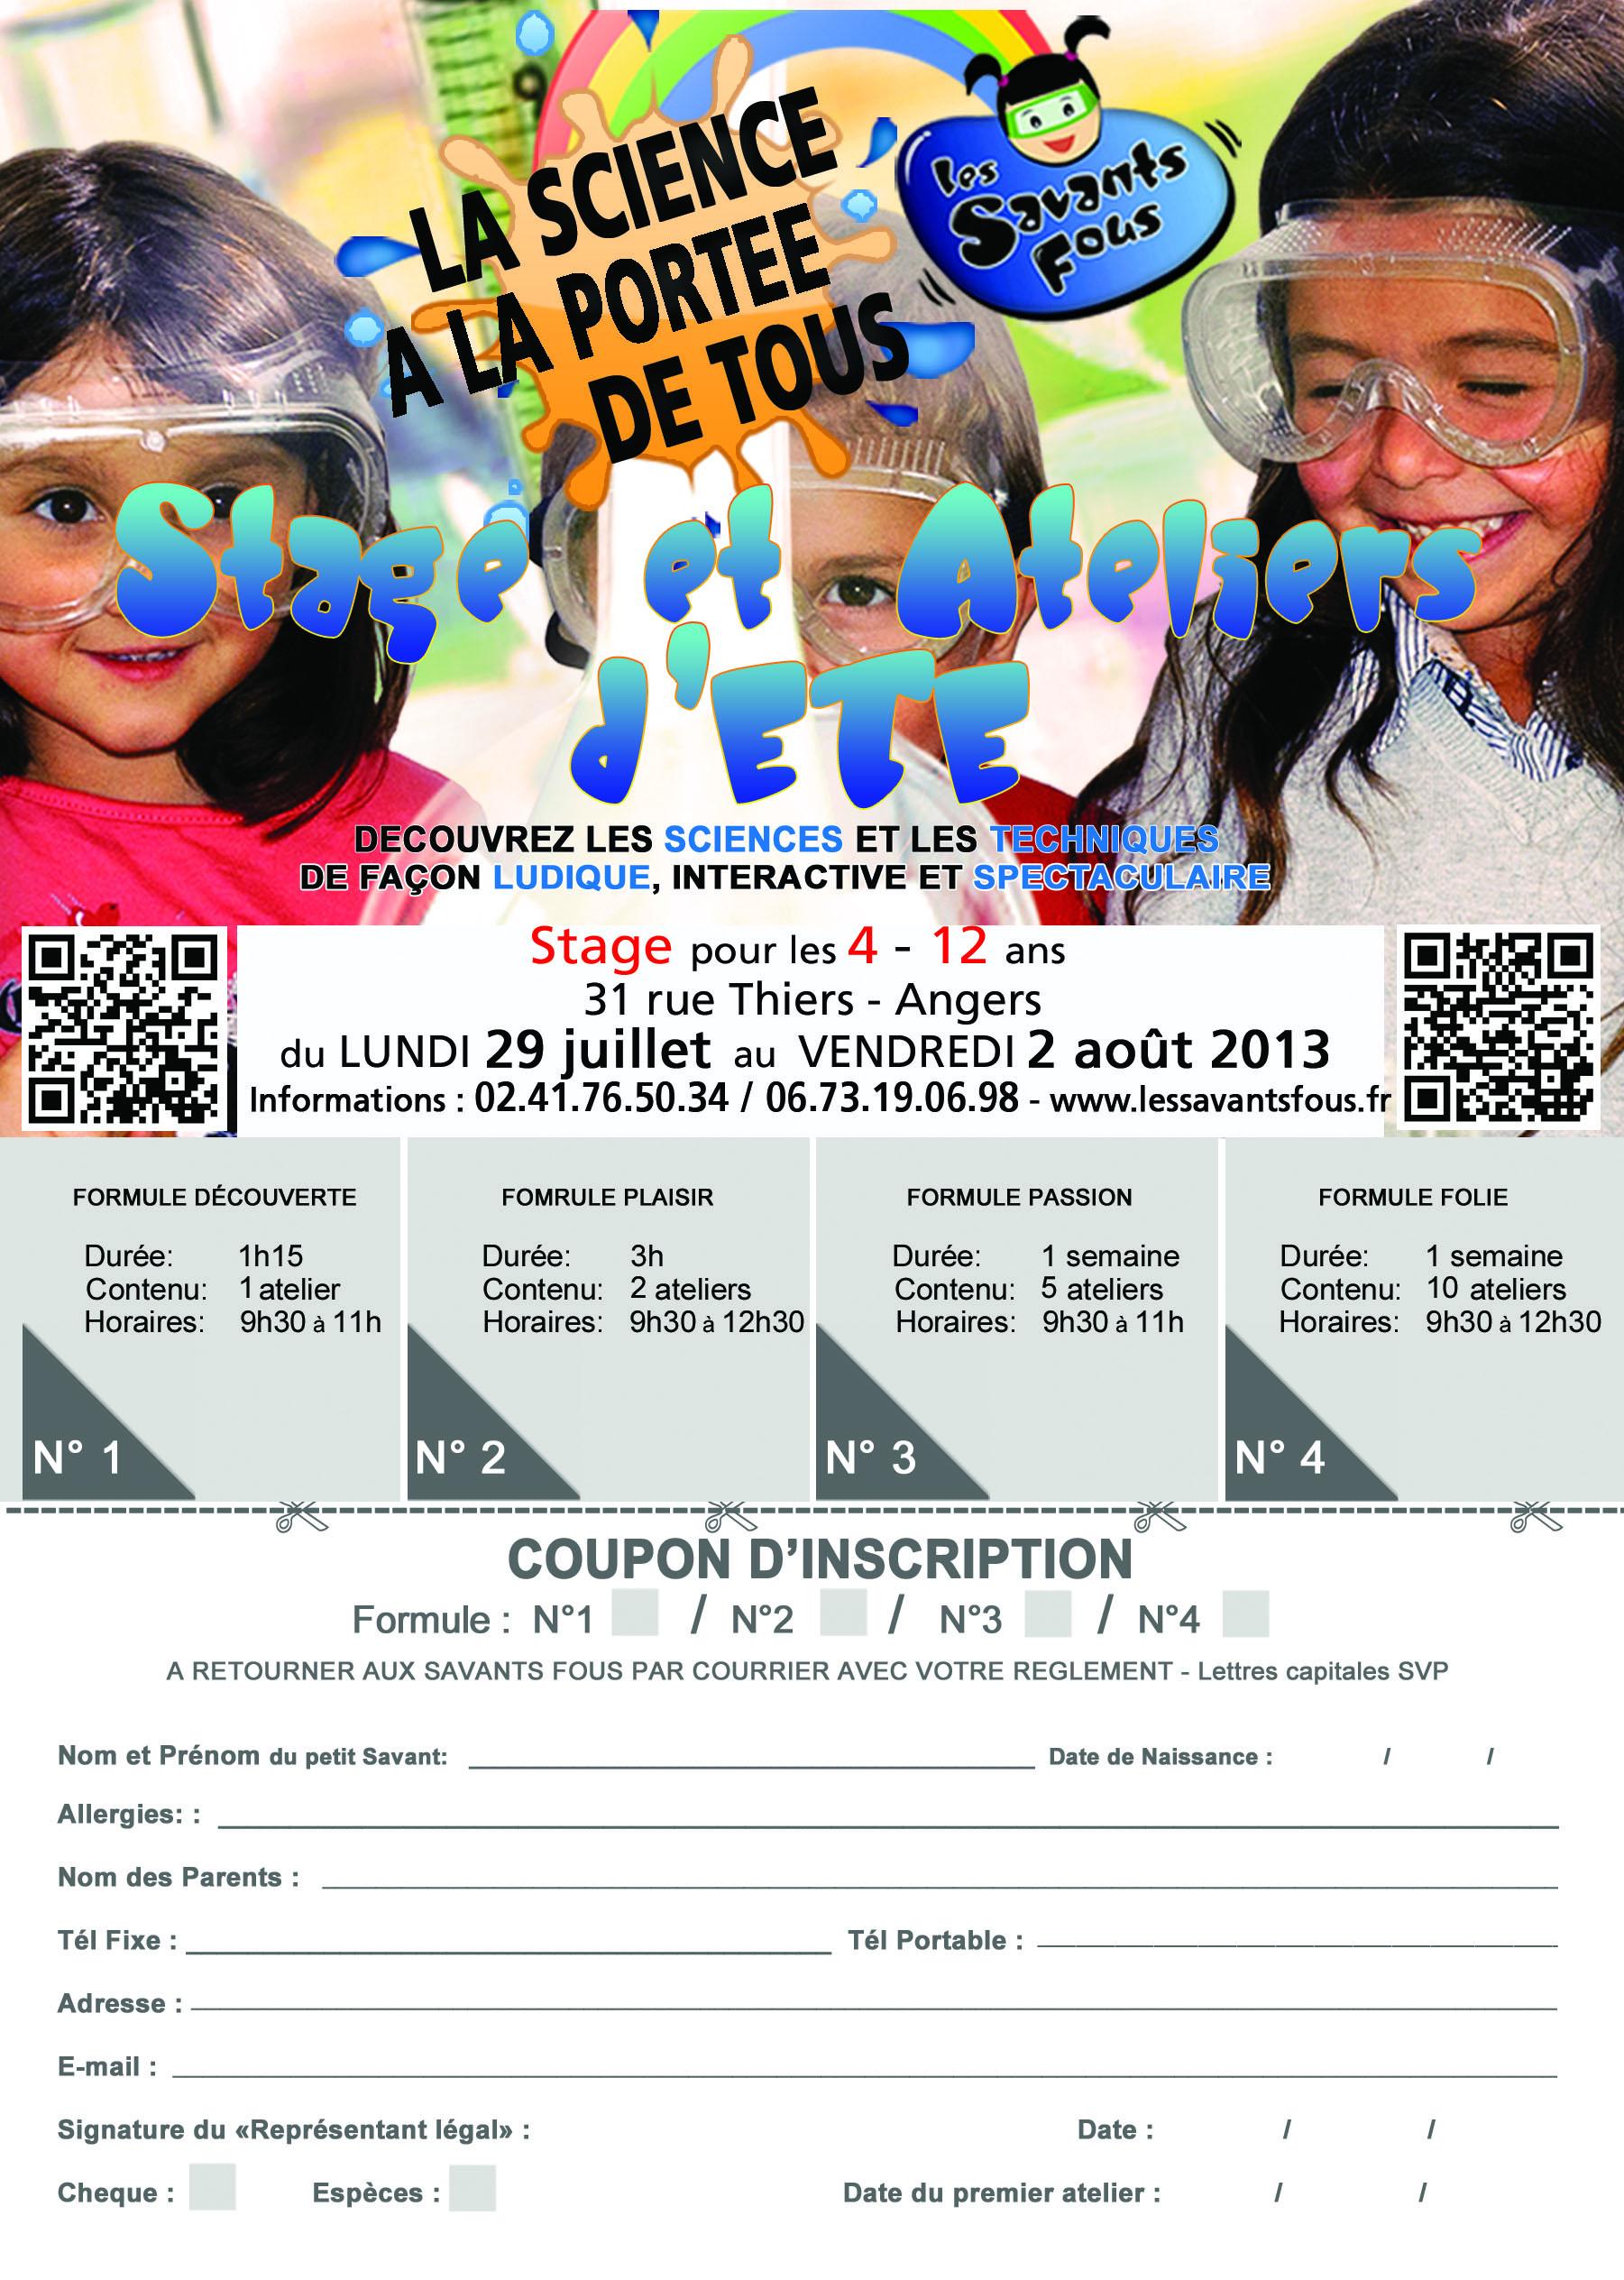 Bulletin d'inscription aux Stages et Ateliers des Savants Fous pour la semaine du 29 juillet au 2 août 2013